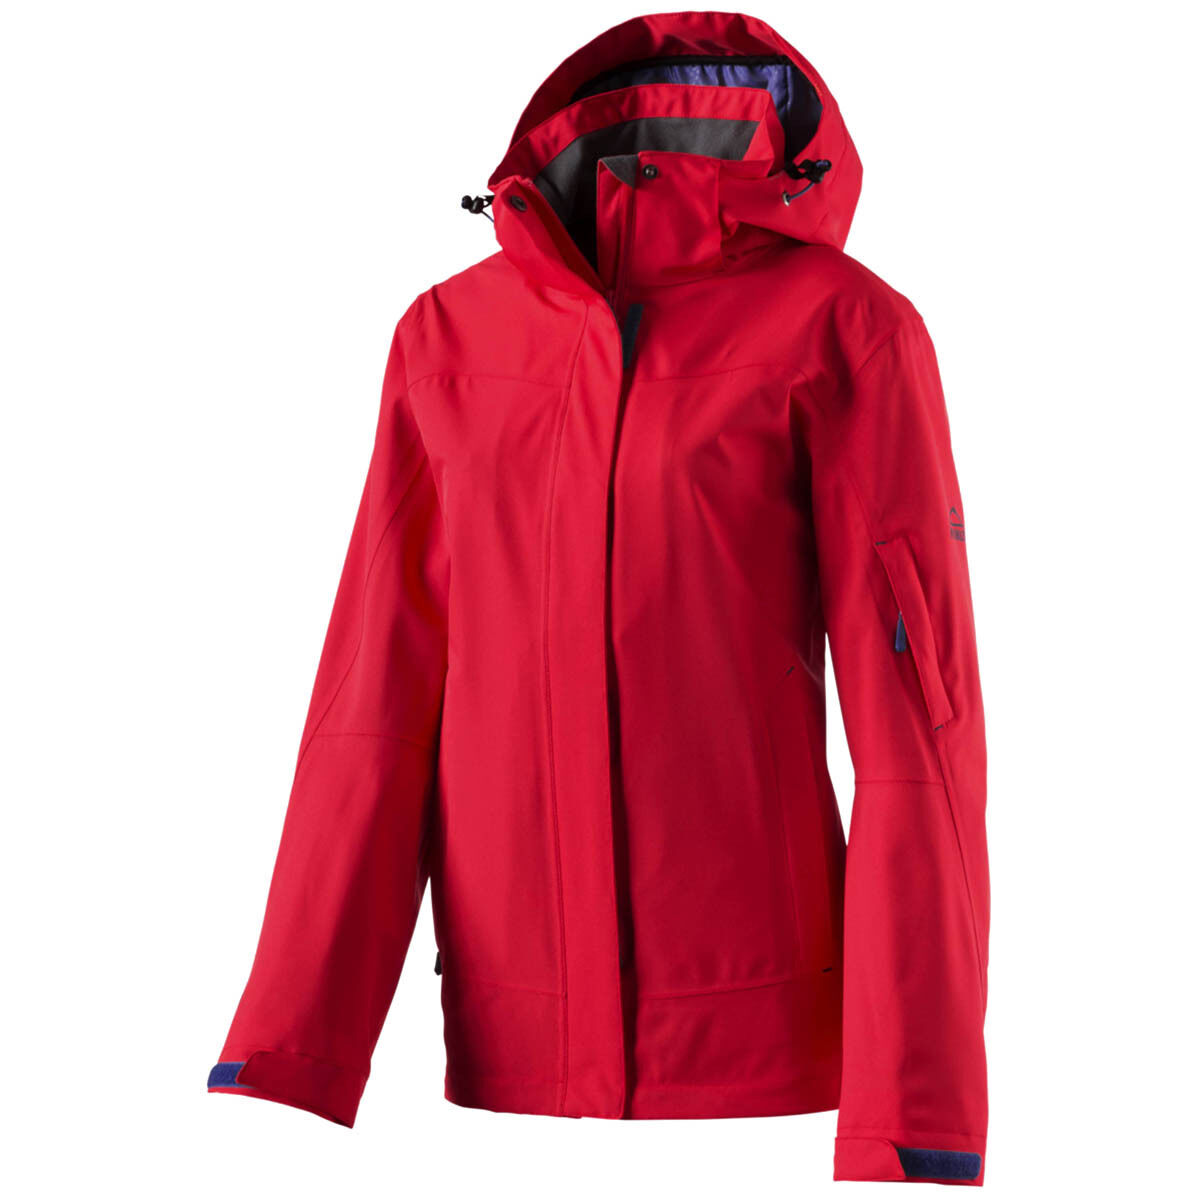 McKinley Cordoba 237258 Zip-In Funktionsjacke Damen rot  89 95